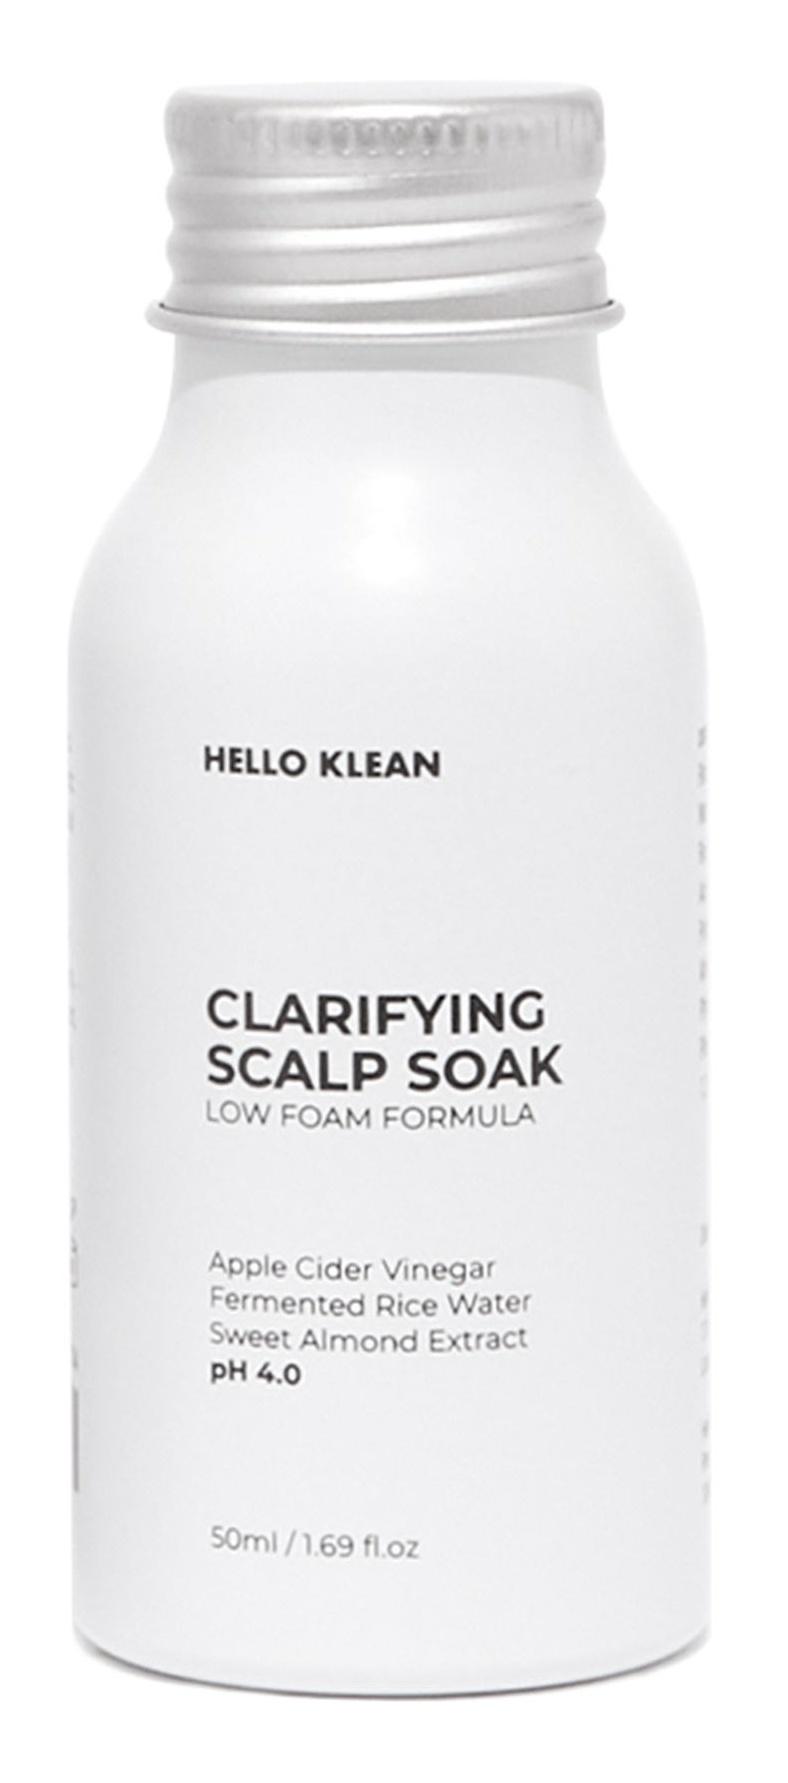 HELLO KLEAN Clarifying Scalp Soak